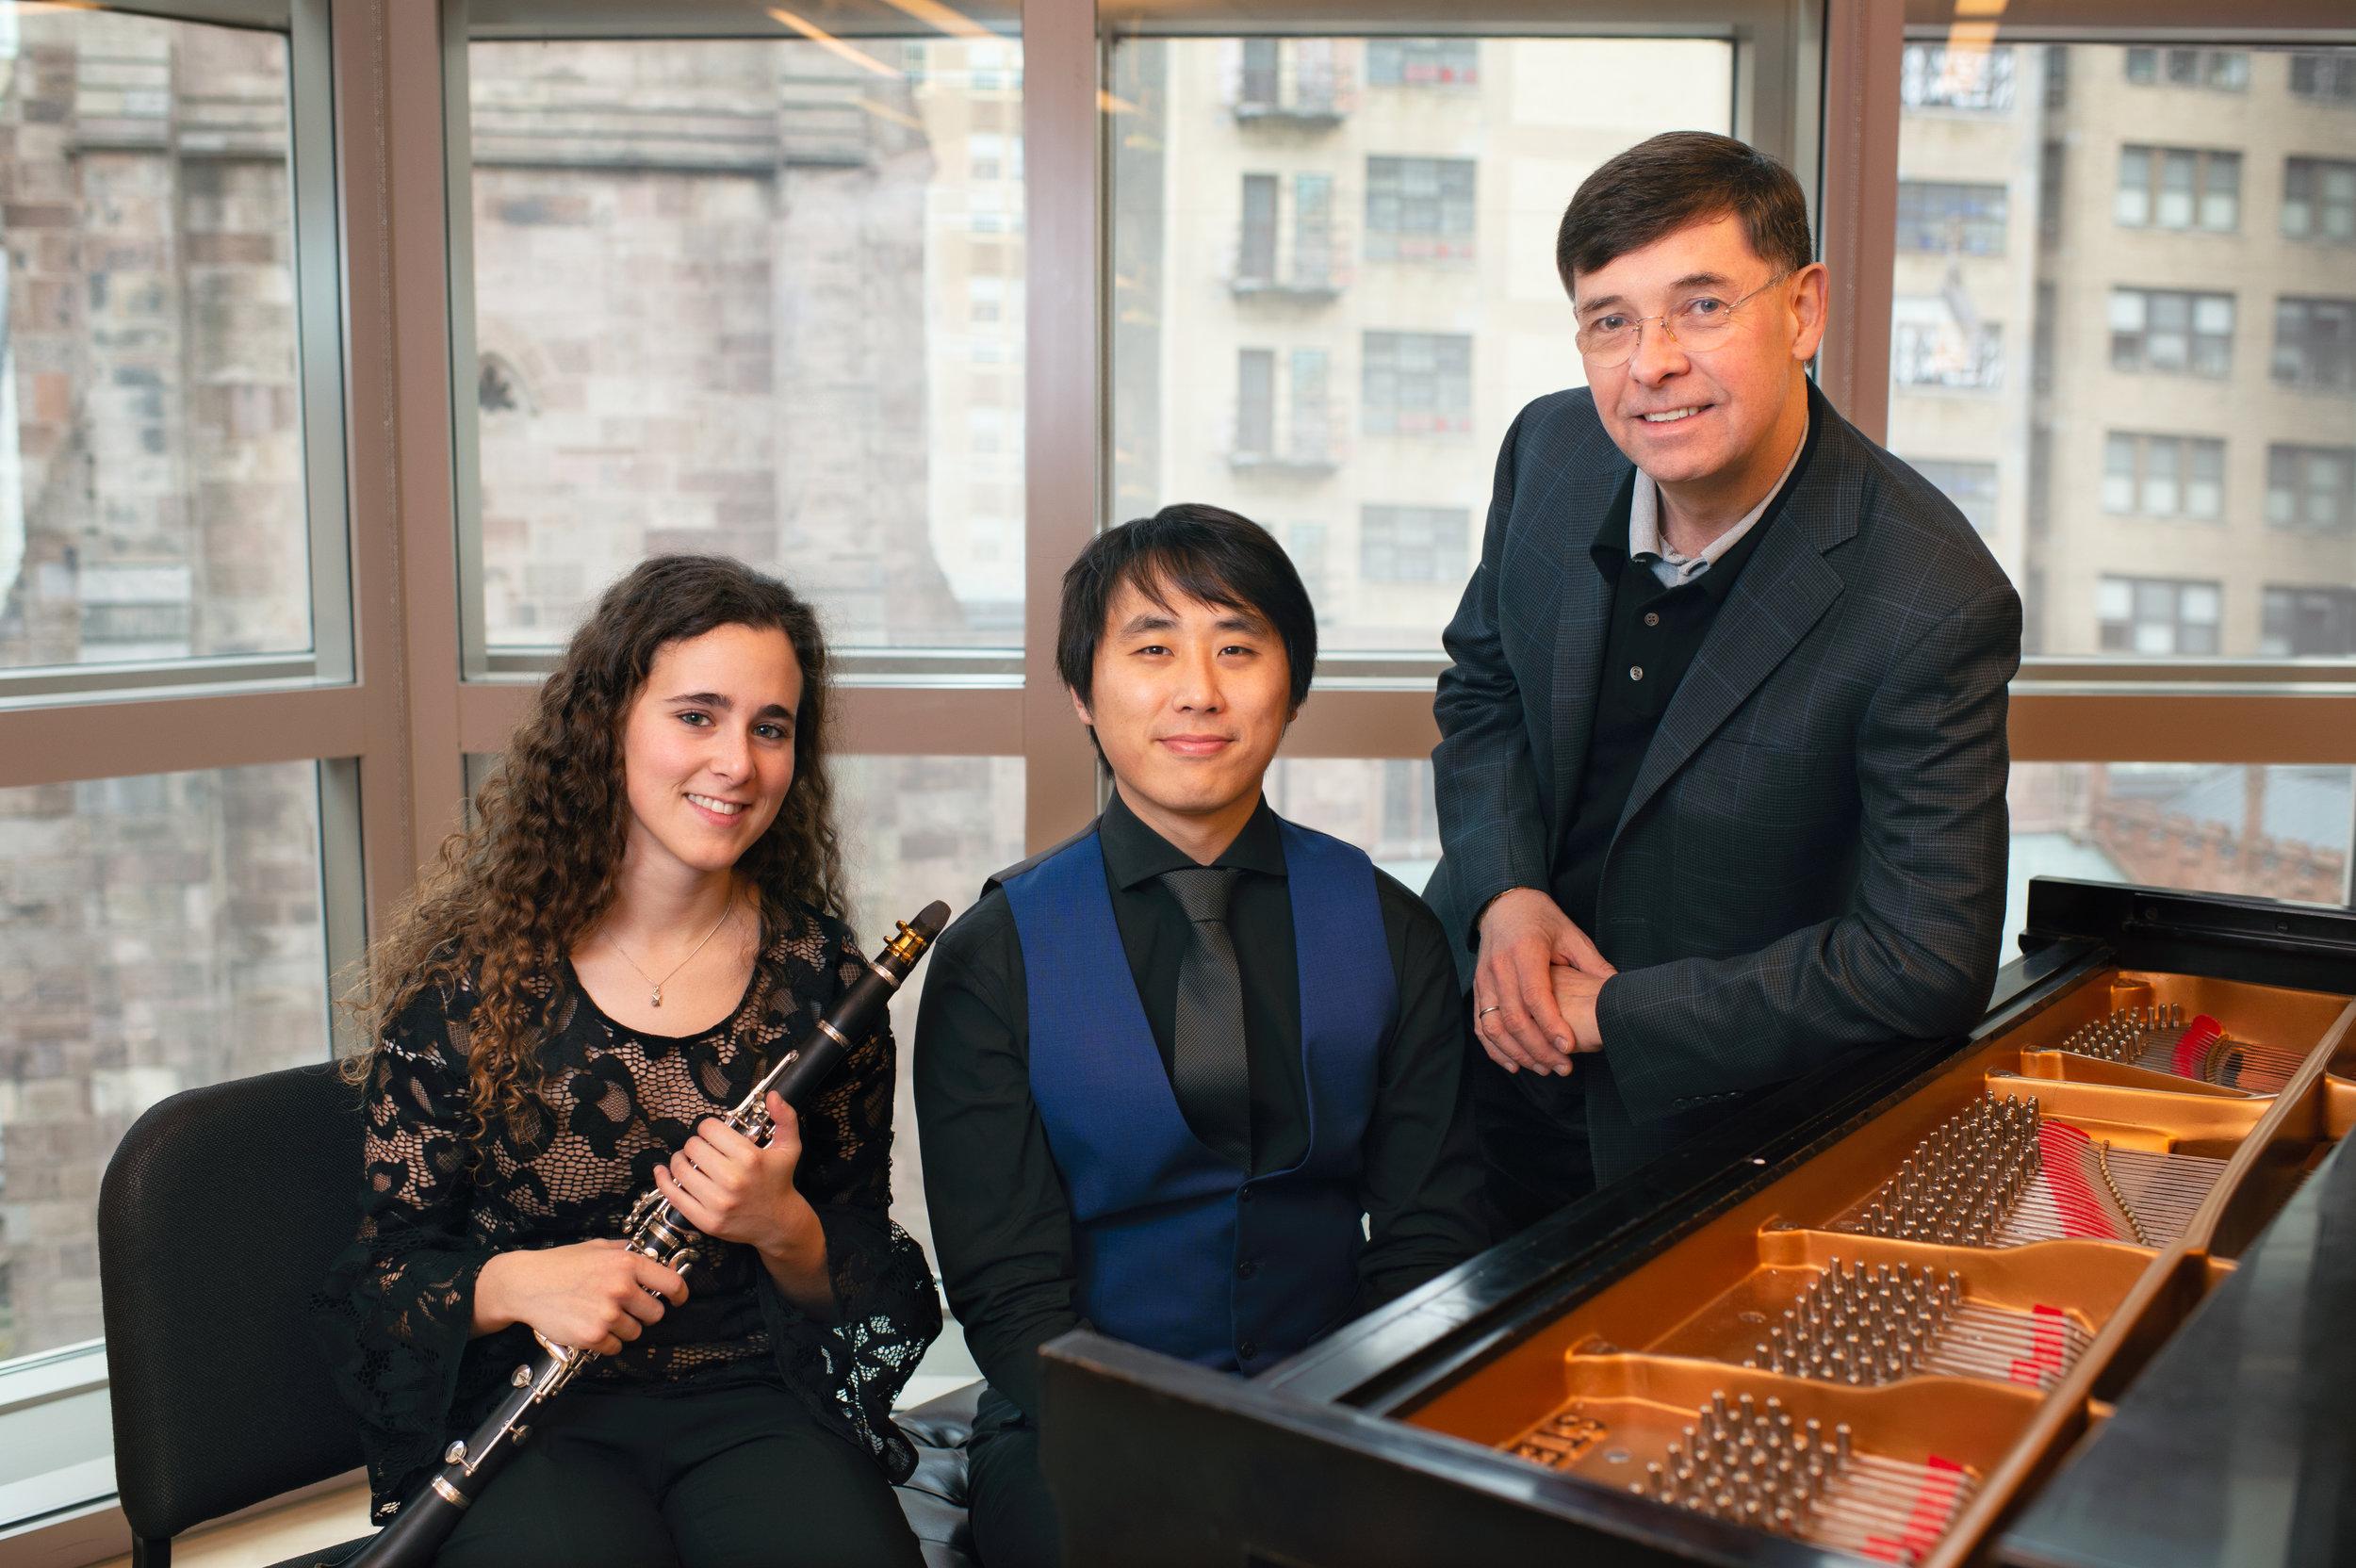 Tania Villasuso, clarinet, Roberto Díaz, viola, and George Xiaoyuan Fu, piano.